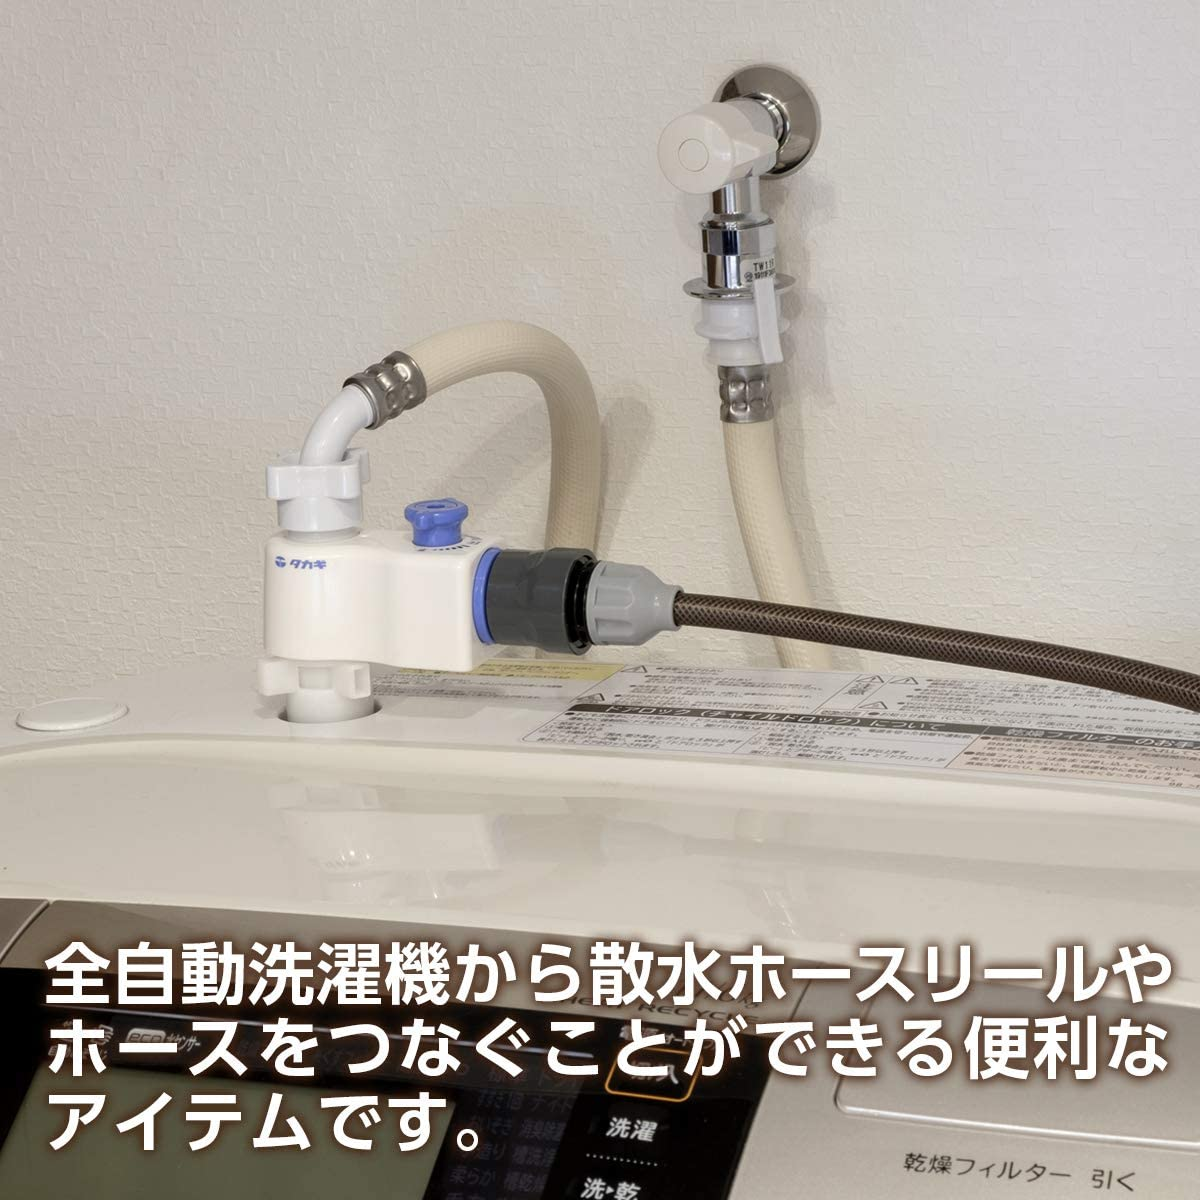 洗濯 機 水 栓